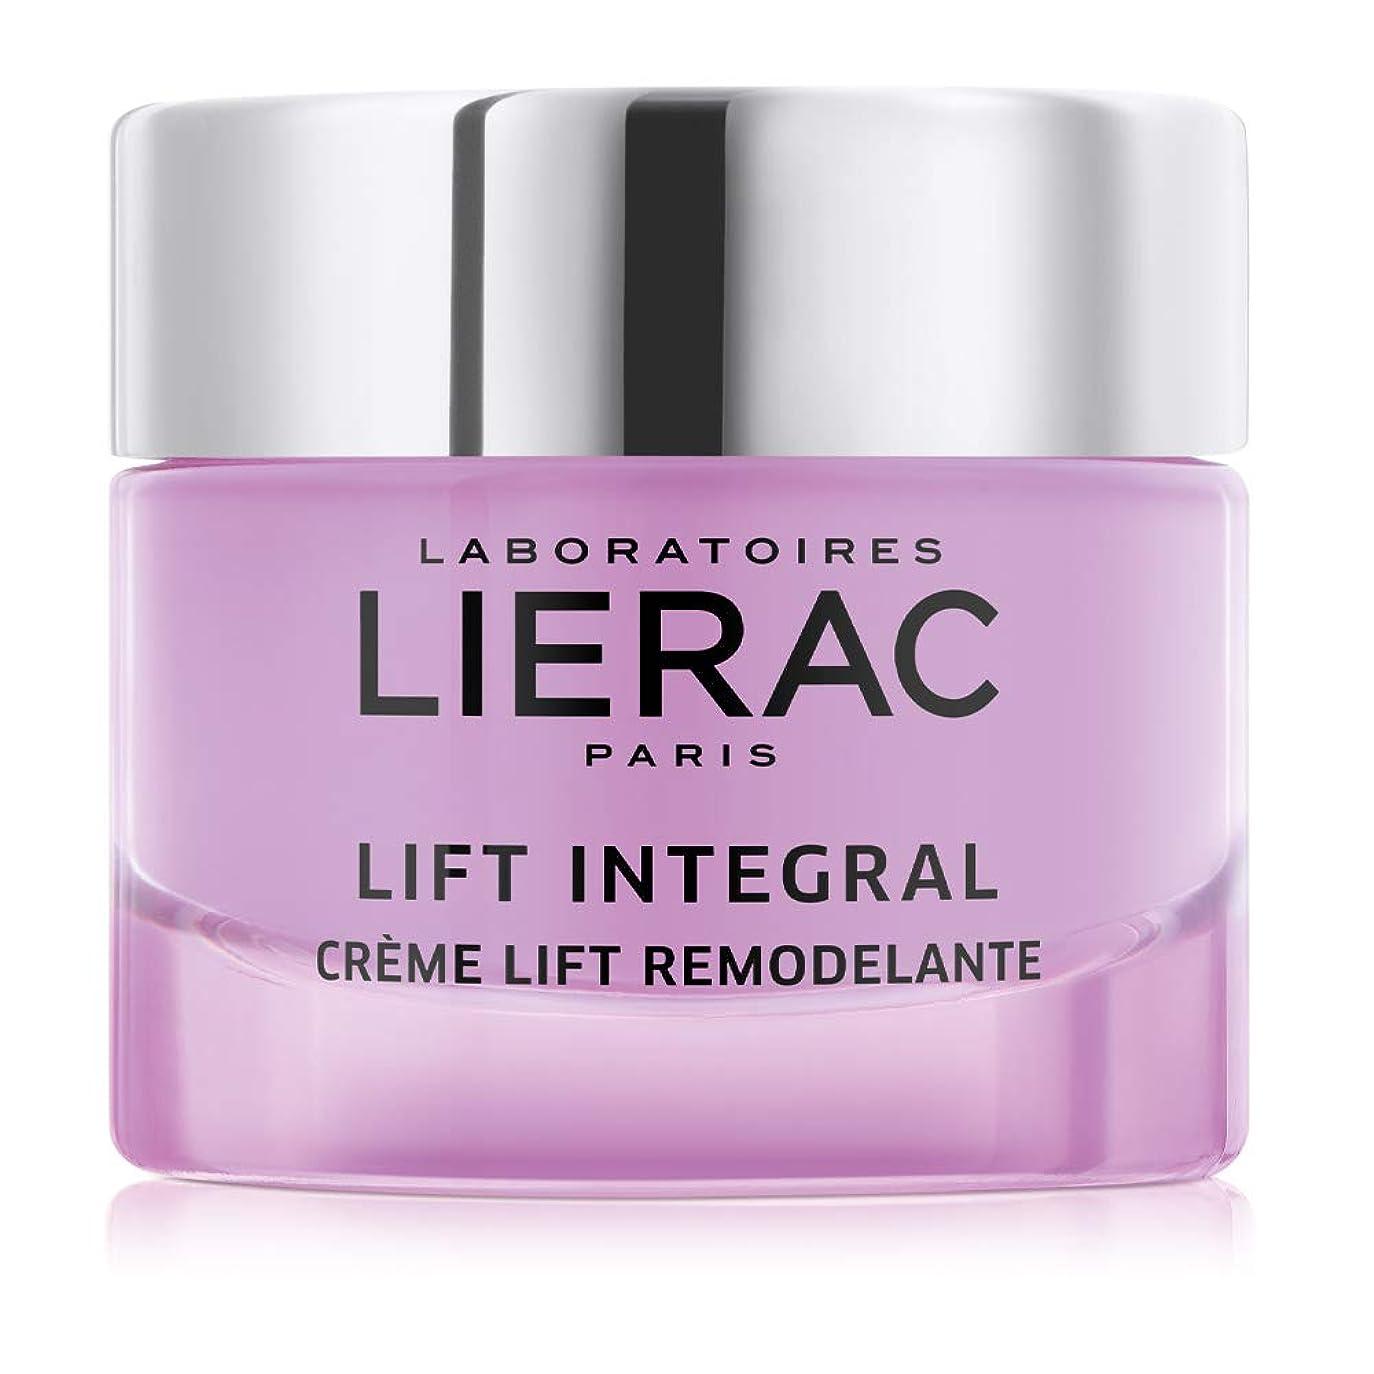 として最大化する変なリーラック Lift Integral Sculpting Lift Cream (For Normal To Dry Skin) 50ml/1.76oz並行輸入品